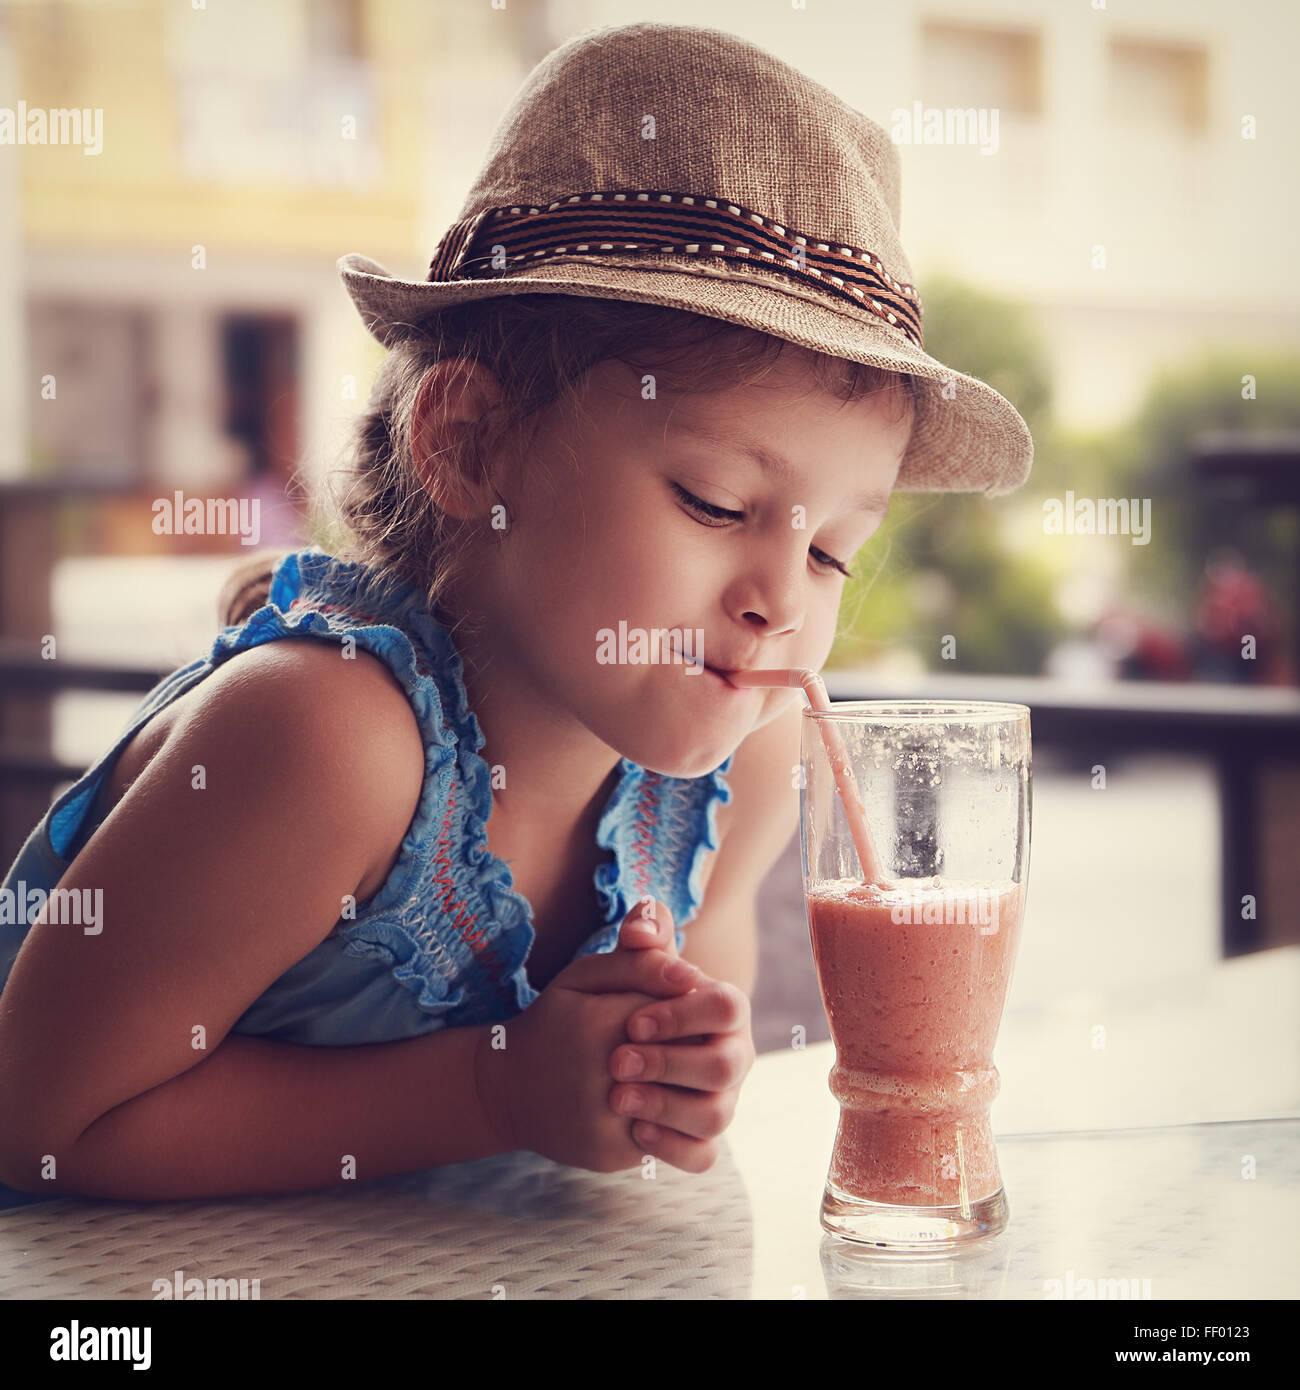 Pensée Cute kid girl drinking jus savoureux dans le restaurant de la rue. Tonique closeup portrait Photo Stock